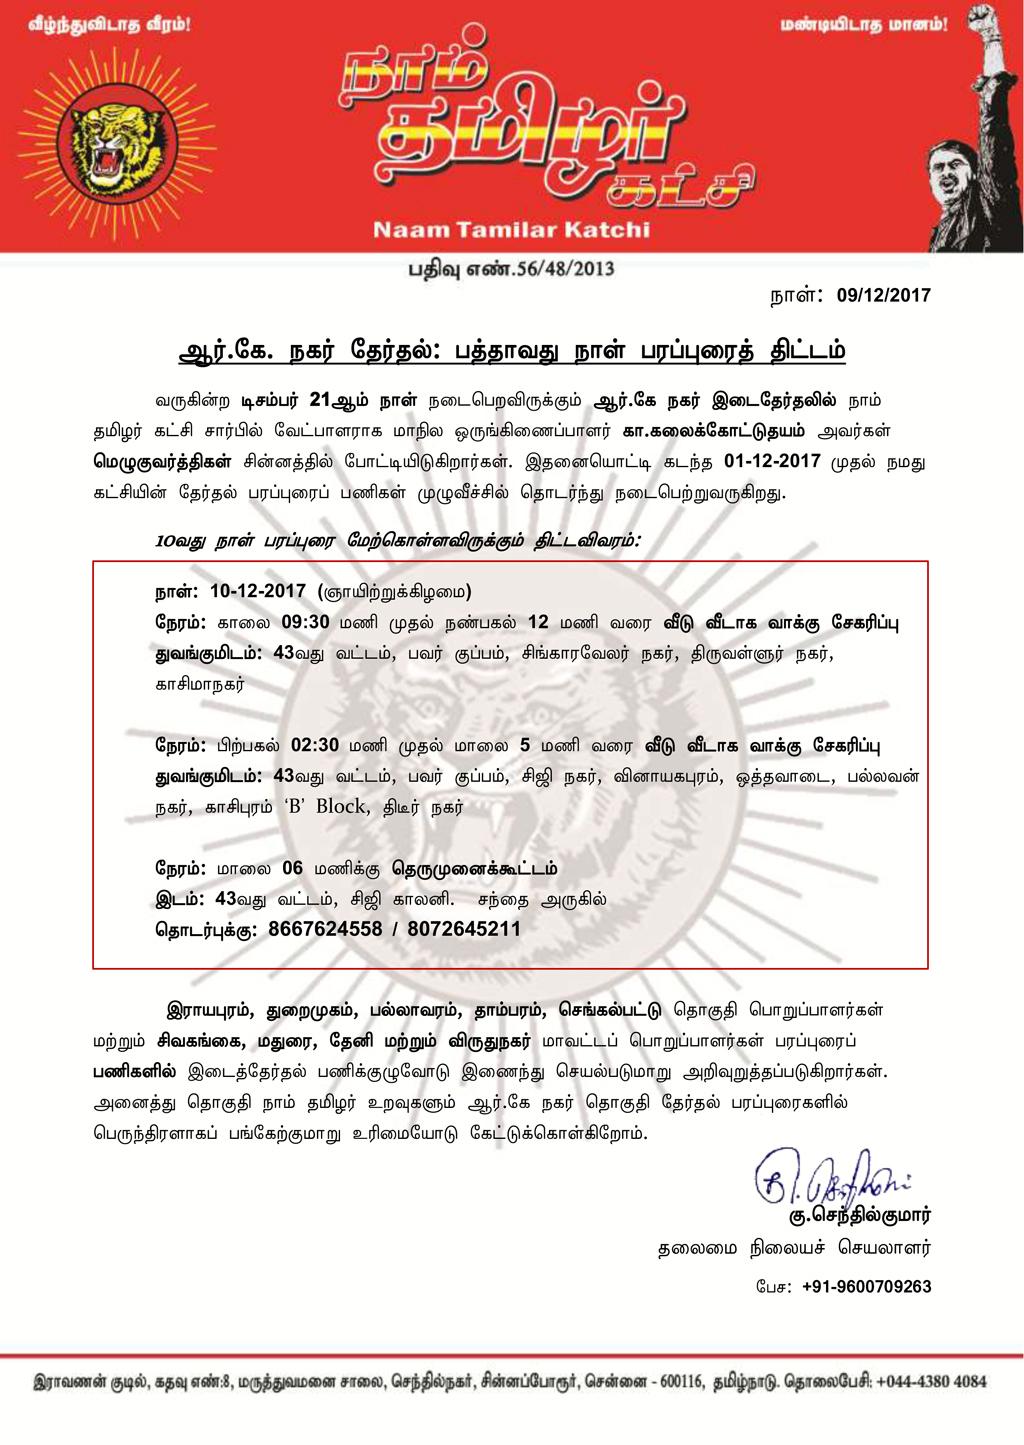 அறிவிப்பு: ஆர்.கே நகர் இடைத்தேர்தல்: டிச-10 முதல் சீமான் தலைமையில் வாக்கு சேகரிப்பு rk nagar by poll naam tamilar katchi kalaikottuthayam election campaign announcement 10 12 2017